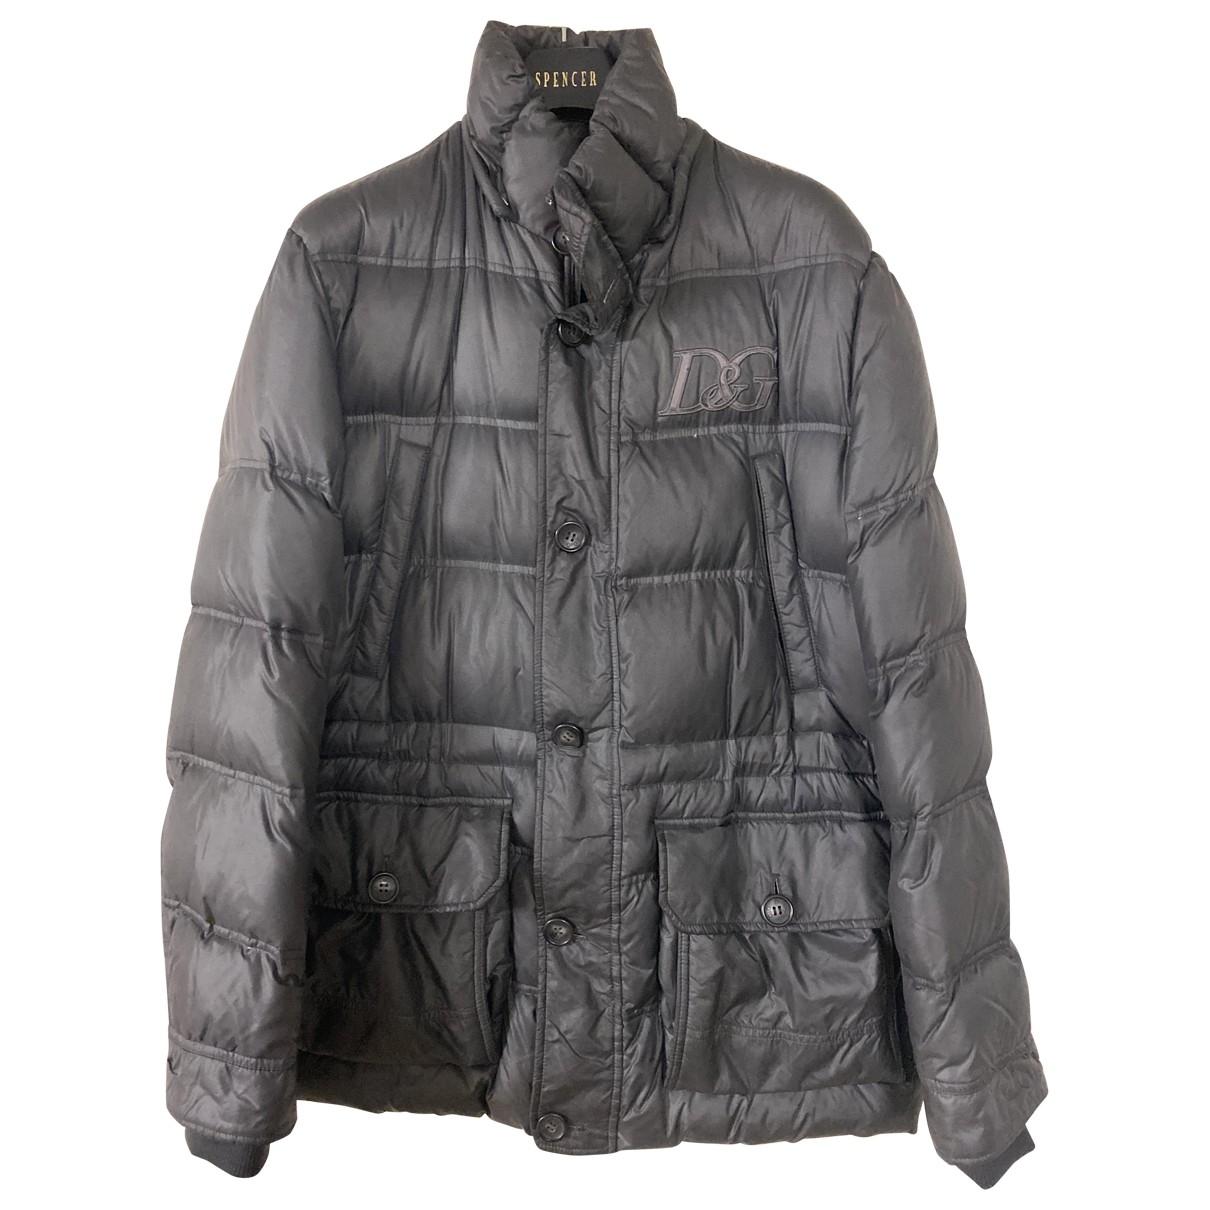 D&g \N Maentel in  Grau Polyester